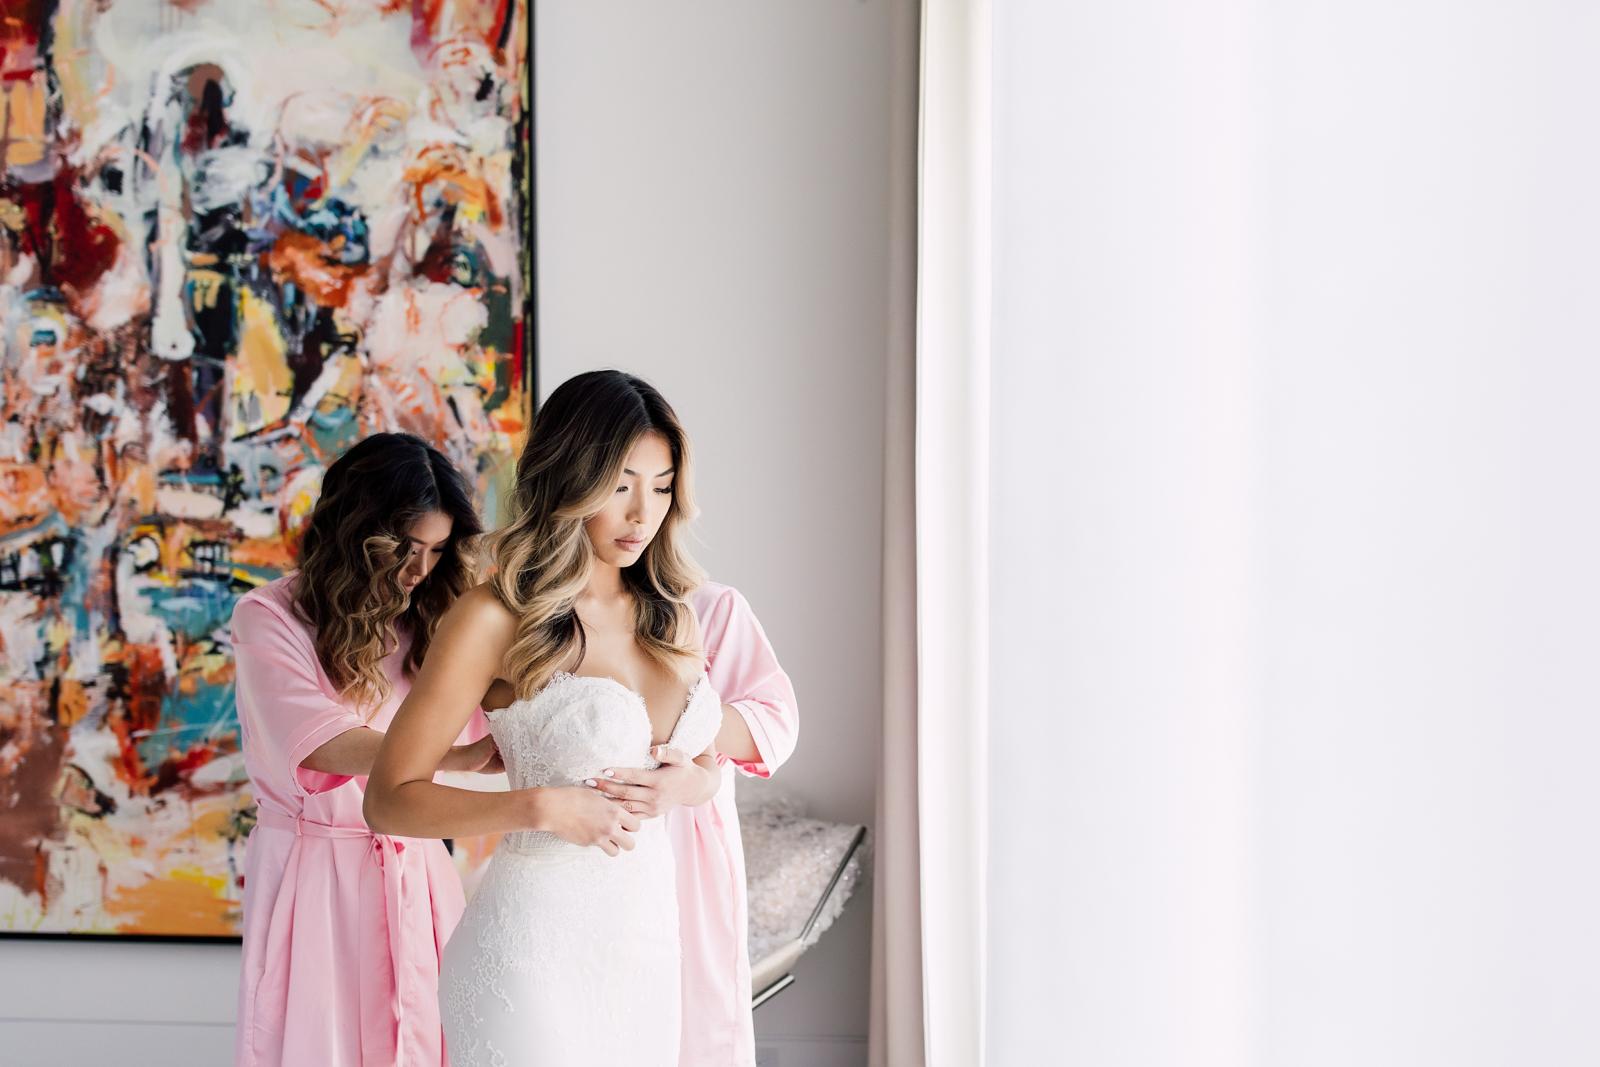 Inbal dror wedding gown